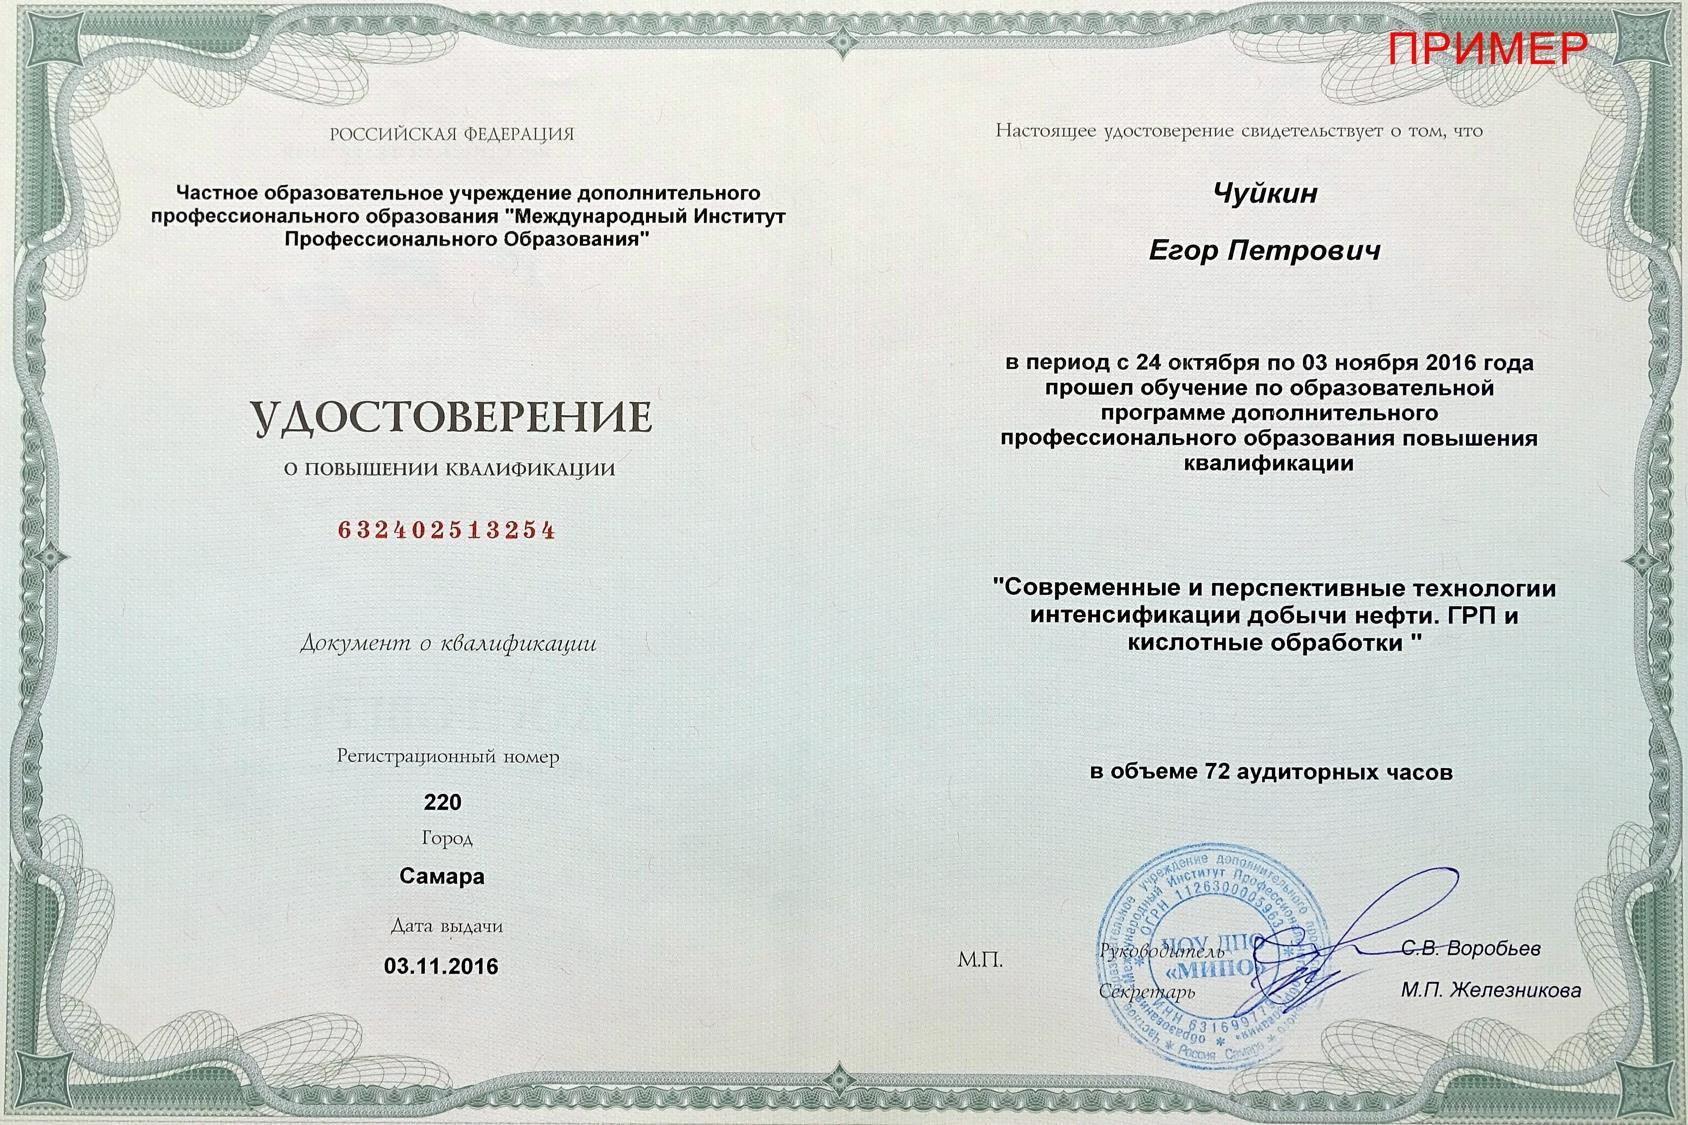 бланк удостоверения о повышении квалификации